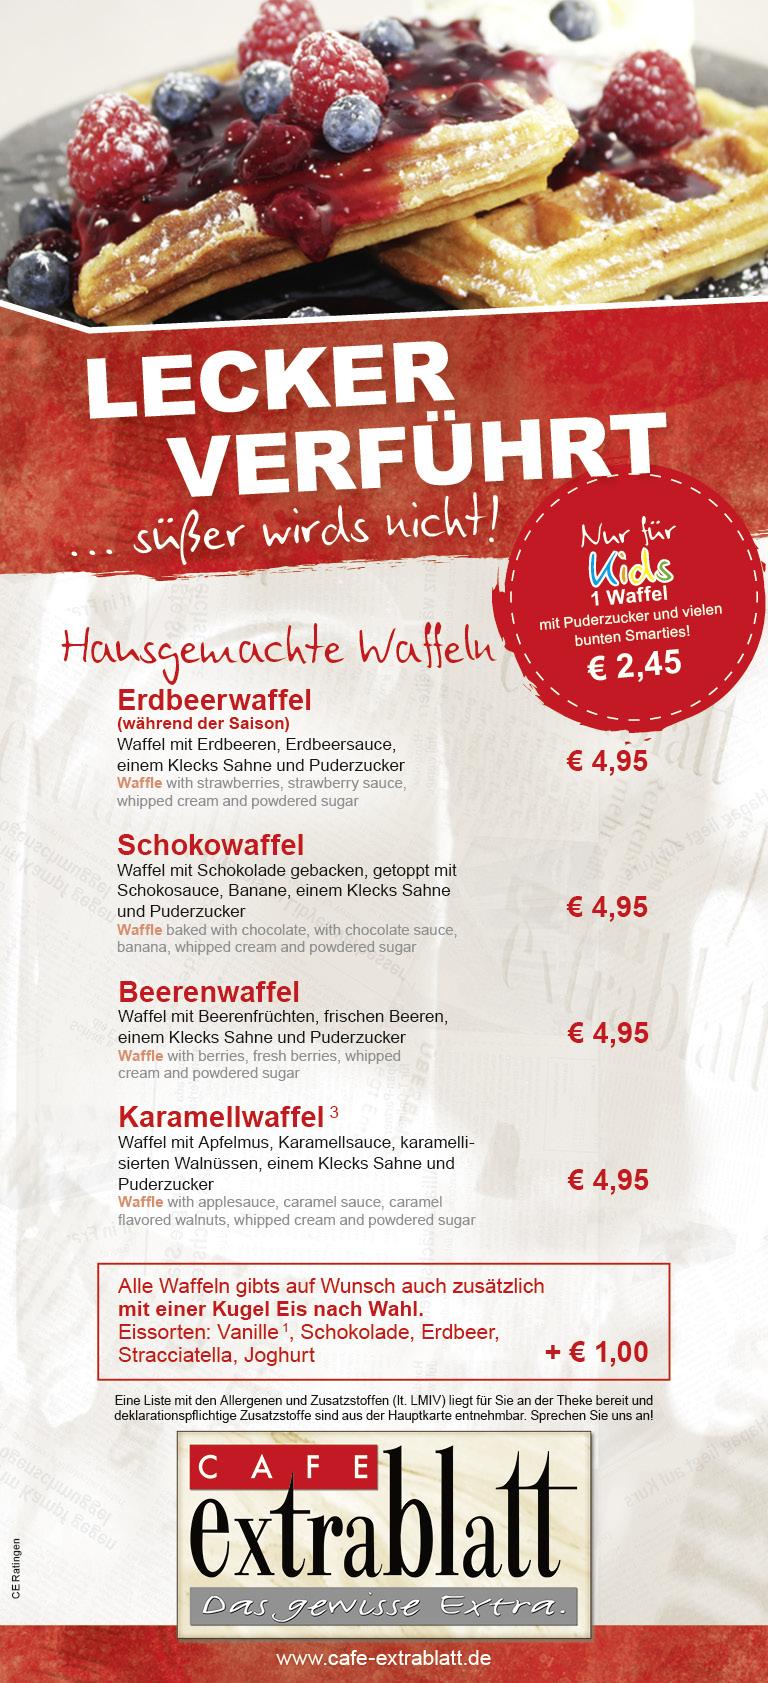 Cafe Extrablatt Ratingen Speisekarte